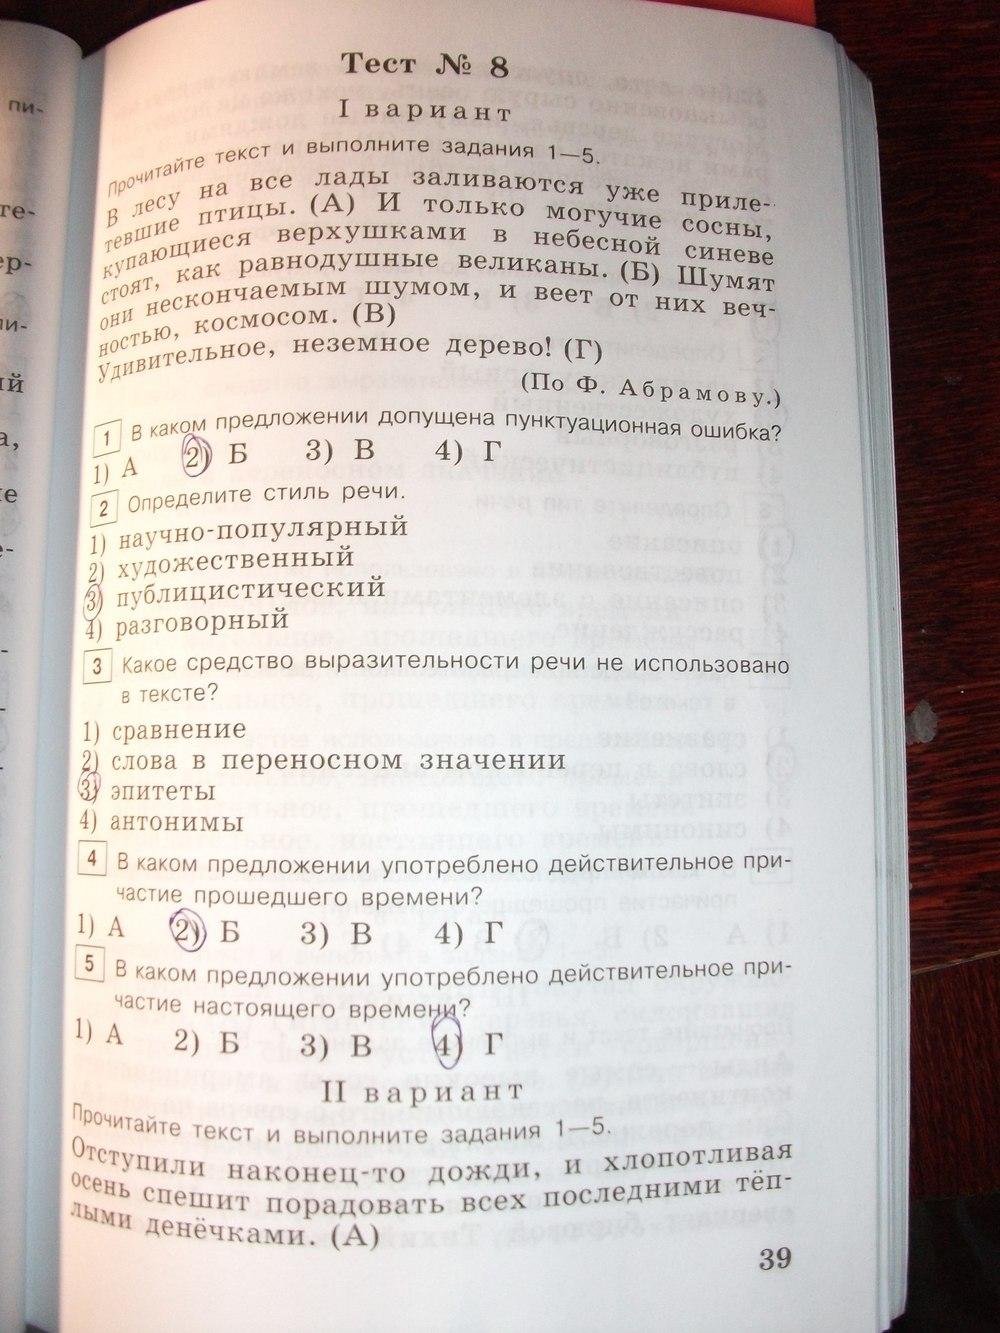 русскому тестовые языку задания по кл 8 решебник